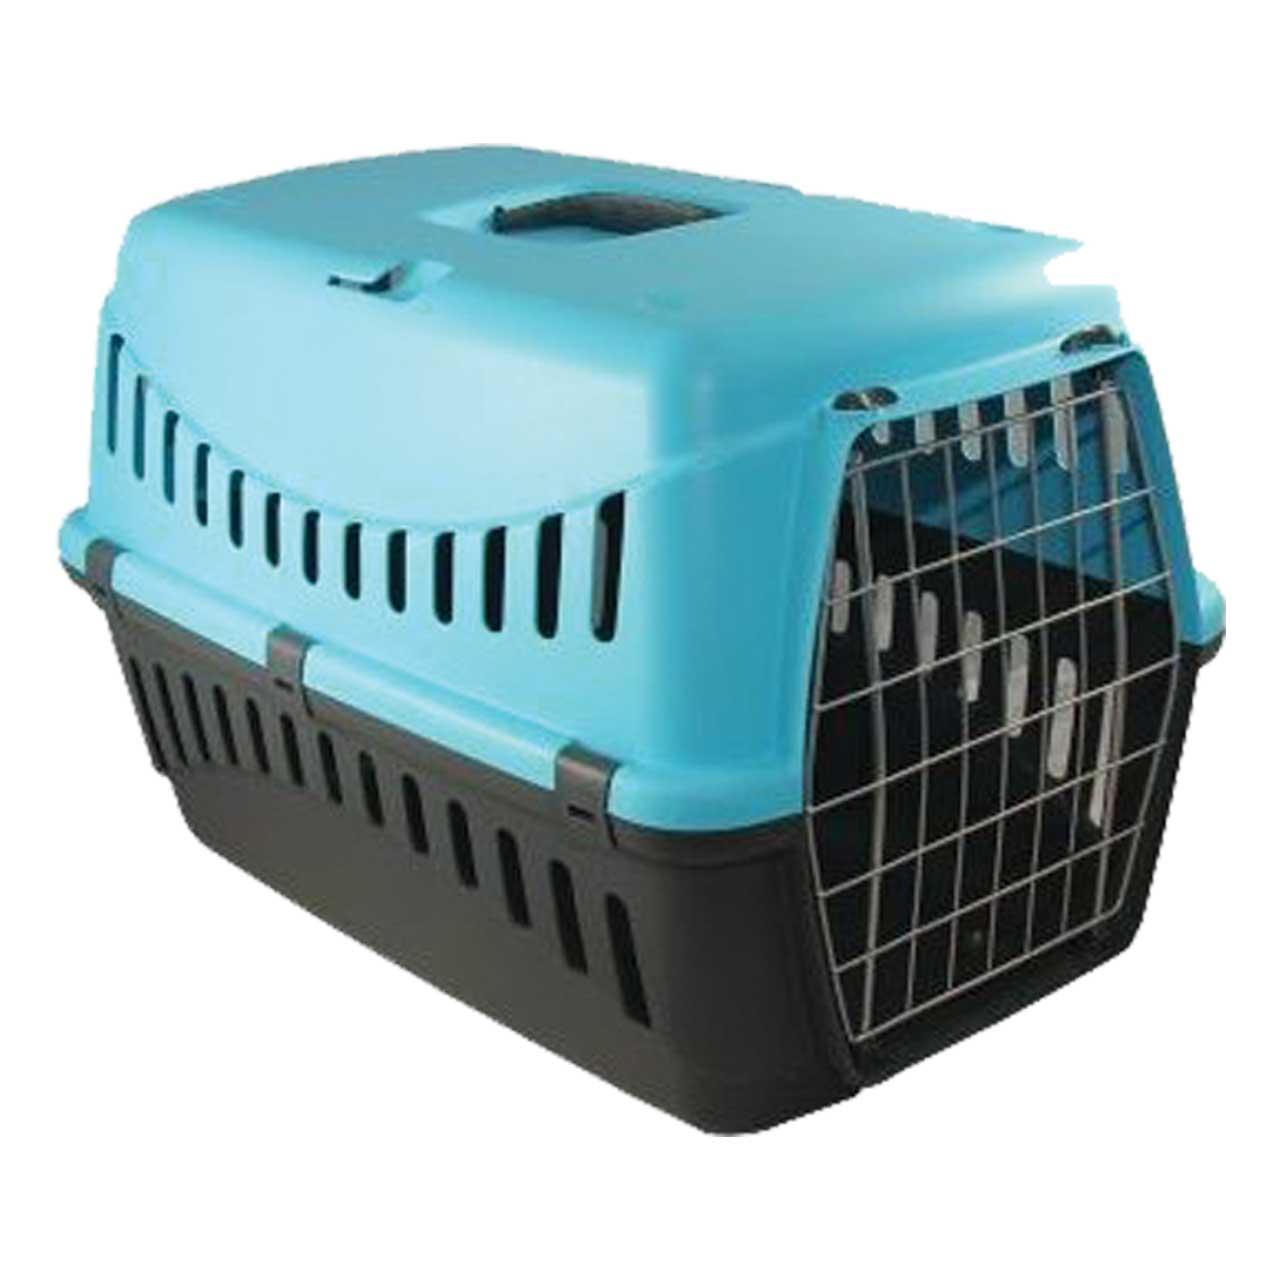 باکس حمل سگ و گربه ام پی مدل Gipsy سایز بزرگ